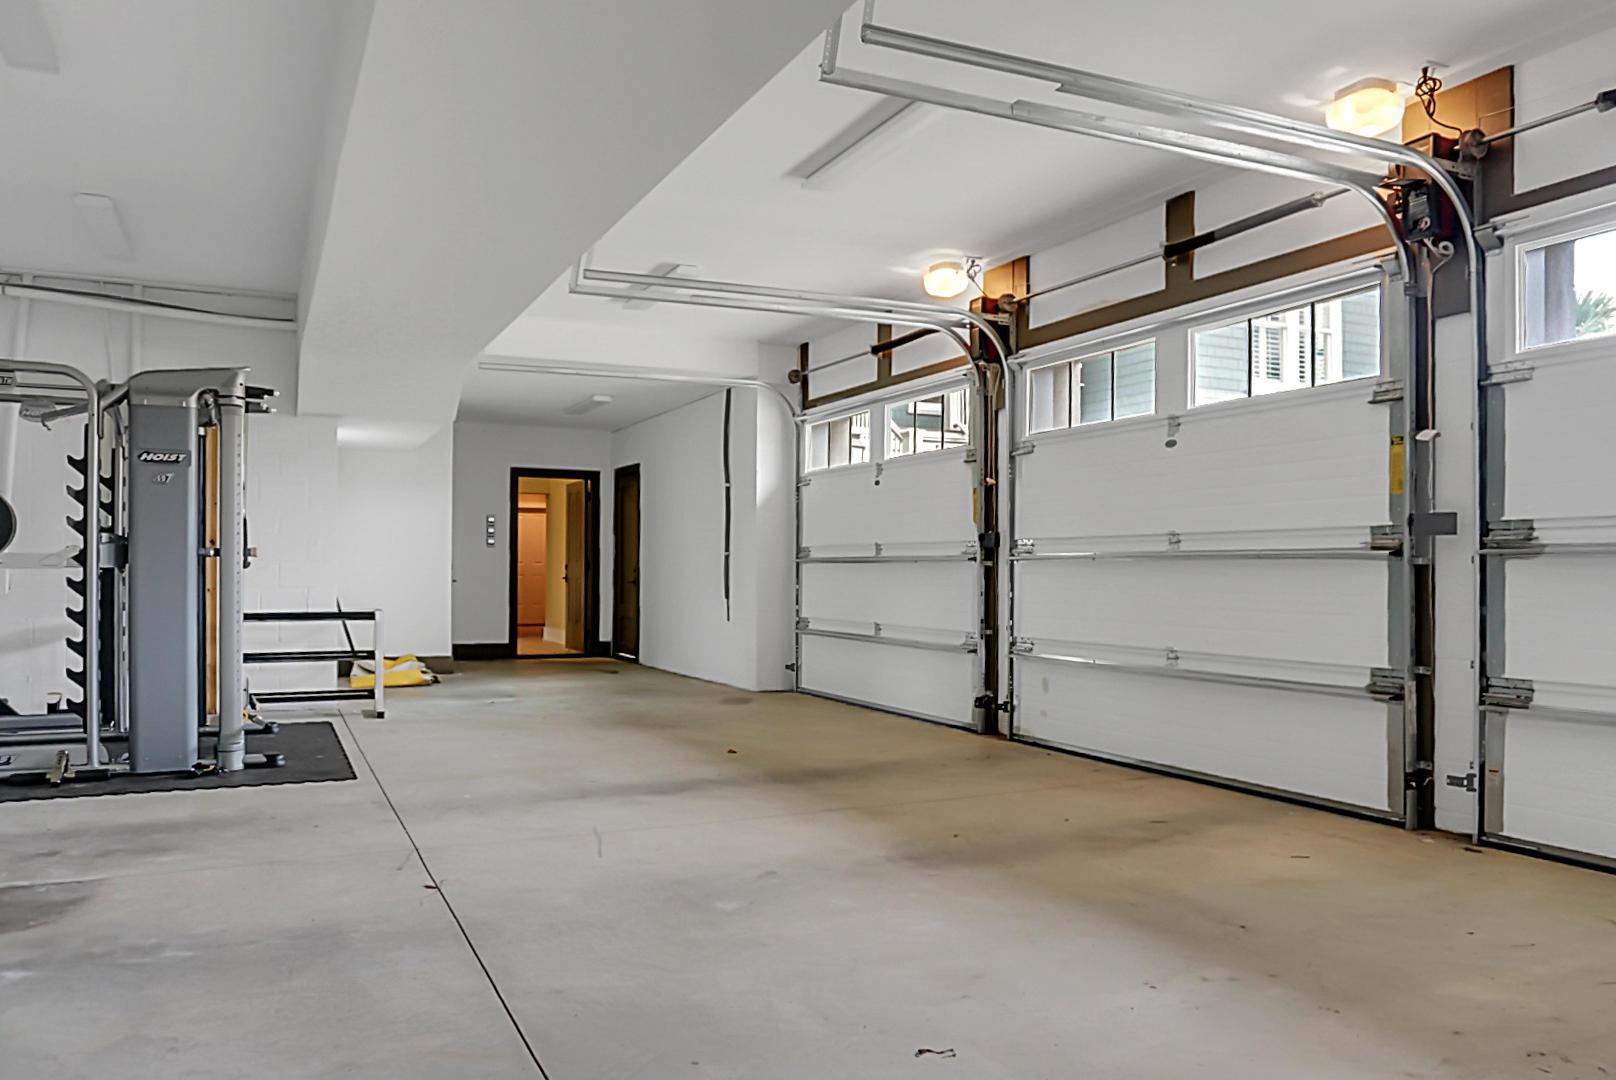 Dunes West Homes For Sale - 2978 River Vista, Mount Pleasant, SC - 62